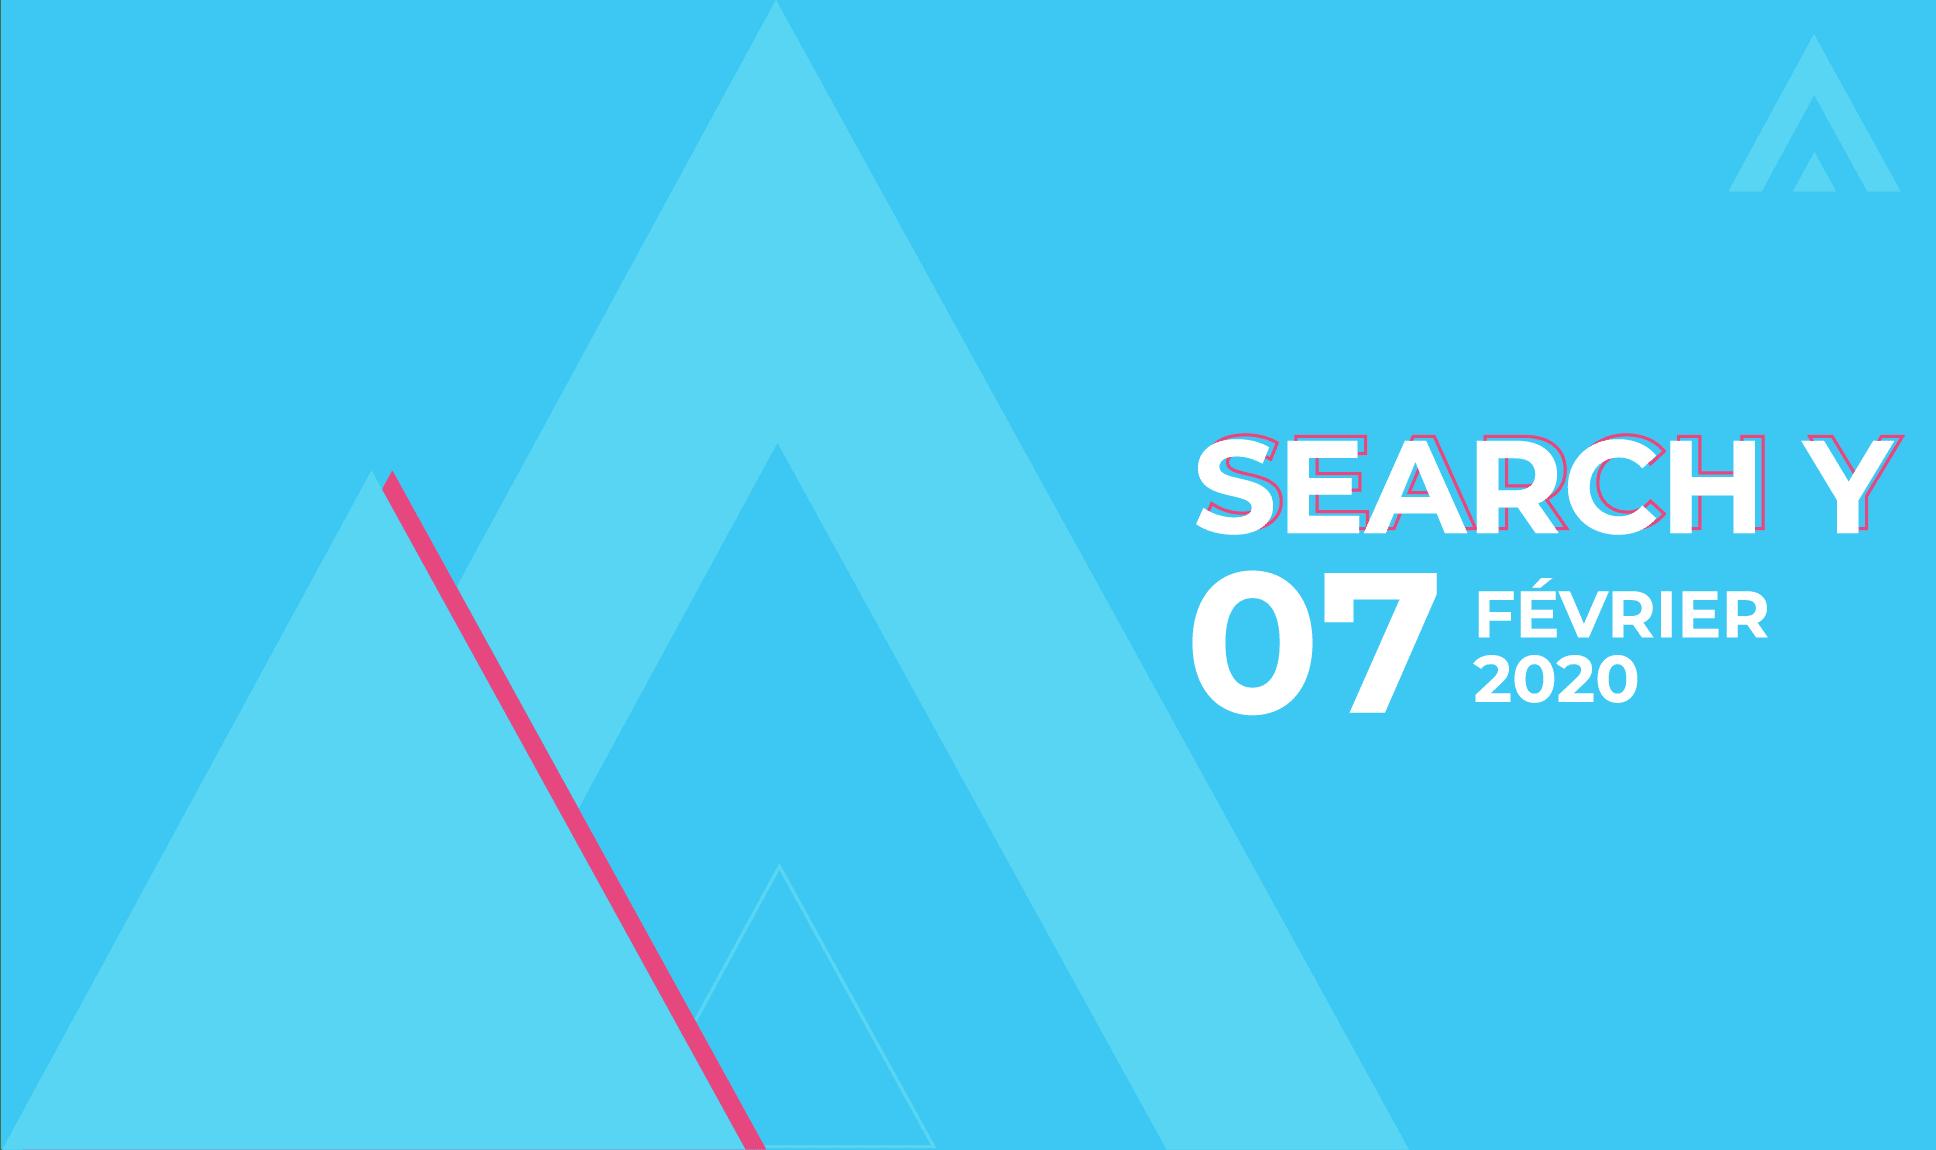 SEO Search Y Paris 2020 : notre conférence Content Marketing /SEO